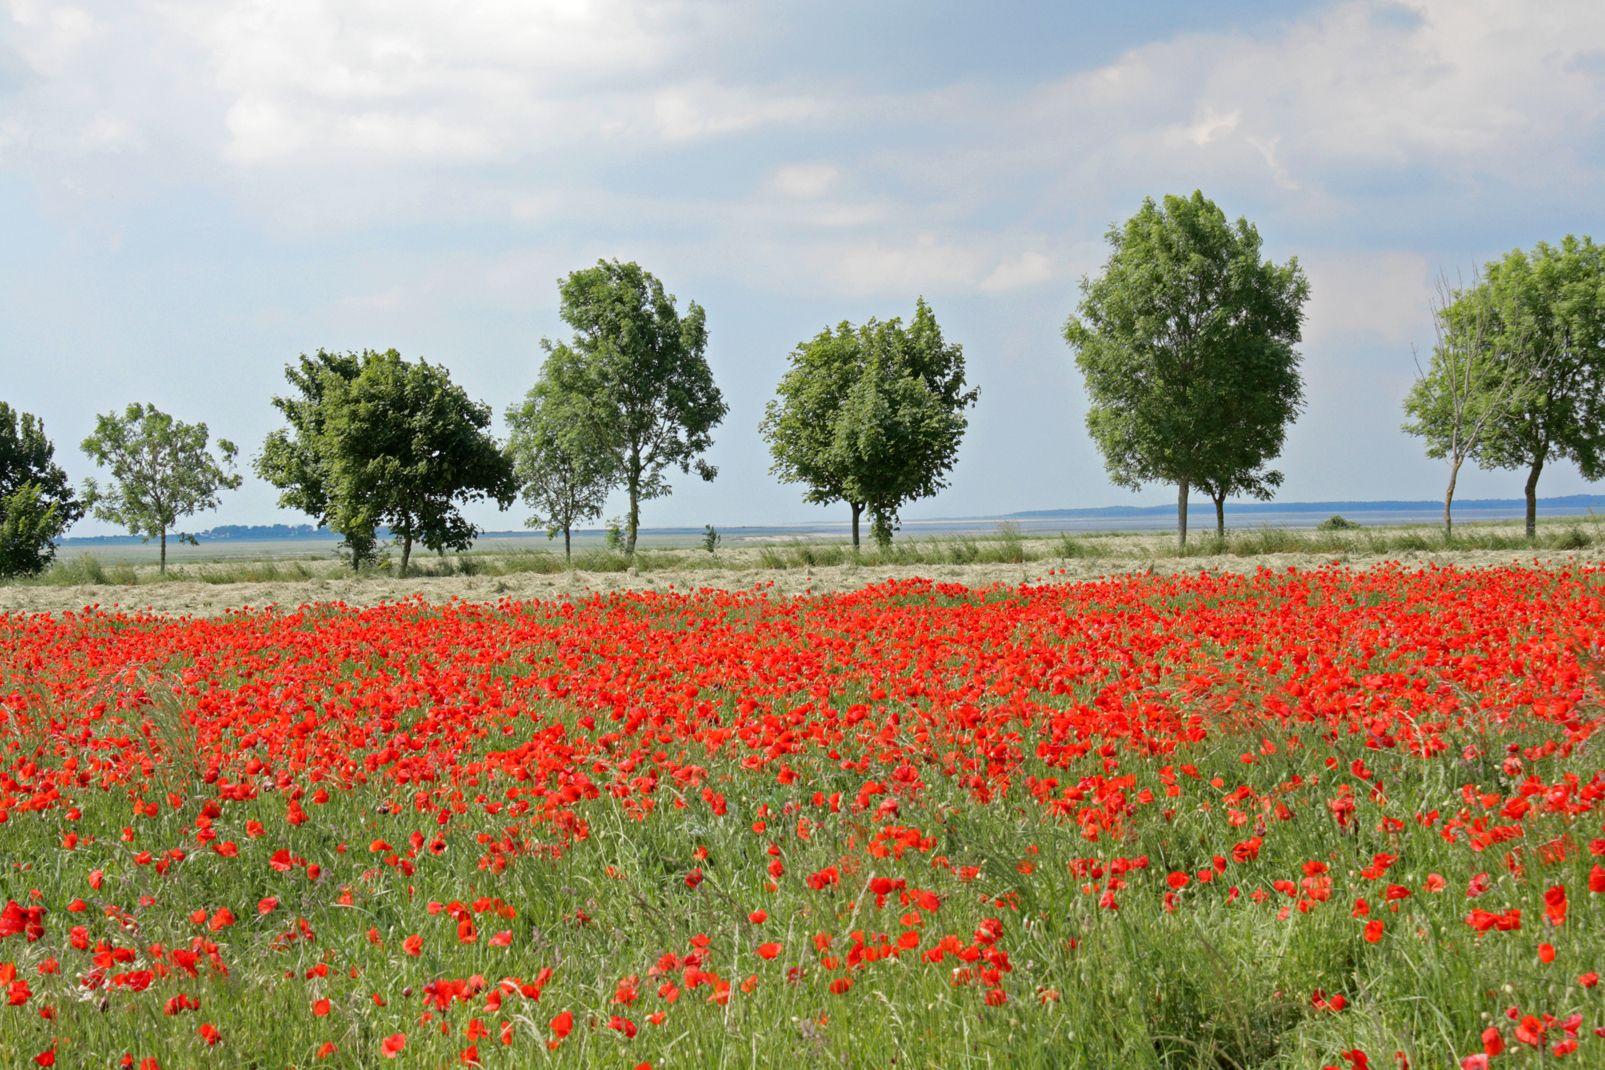 picardie, france, europe, somme, pré, champ, coquelicot, rouge, flore, fleur, arbre